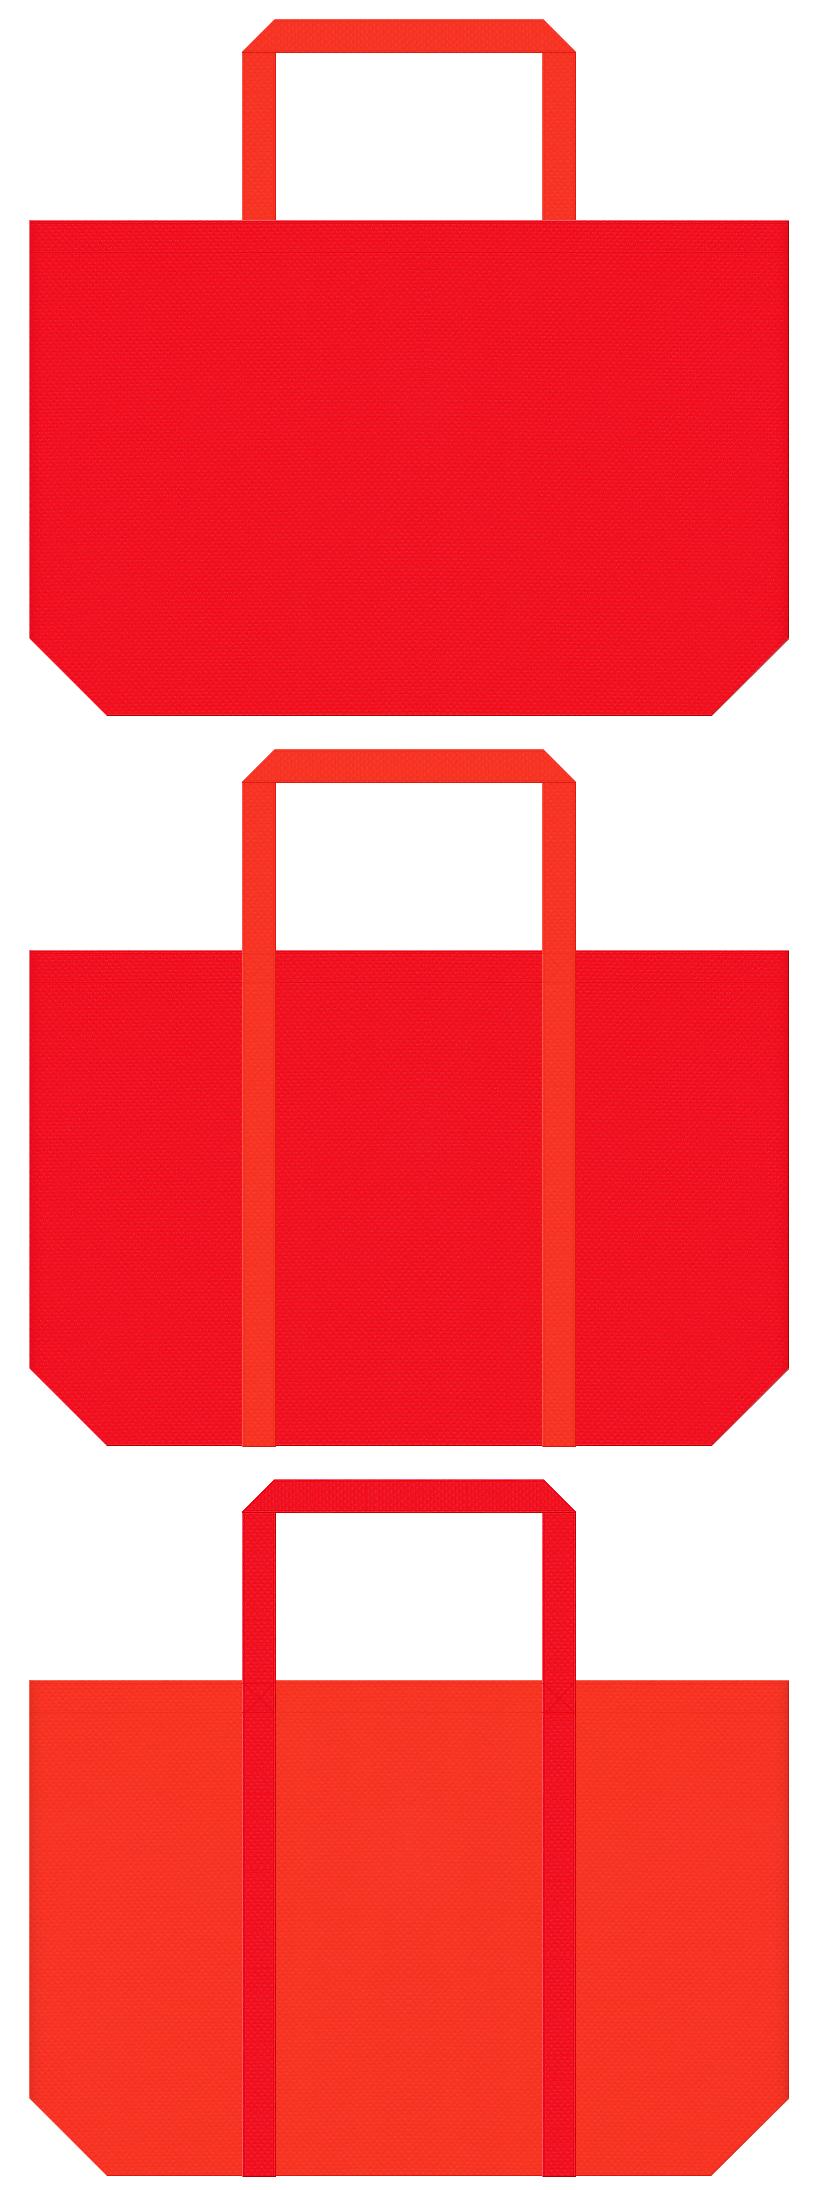 サプリメント・太陽・エネルギー・暖房器具・スポーツ・キャンプ・バーベキュー・アウトドア・紅葉・秋のイベント・観光にお奨めの不織布バッグデザイン:赤色とオレンジ色のコーデ